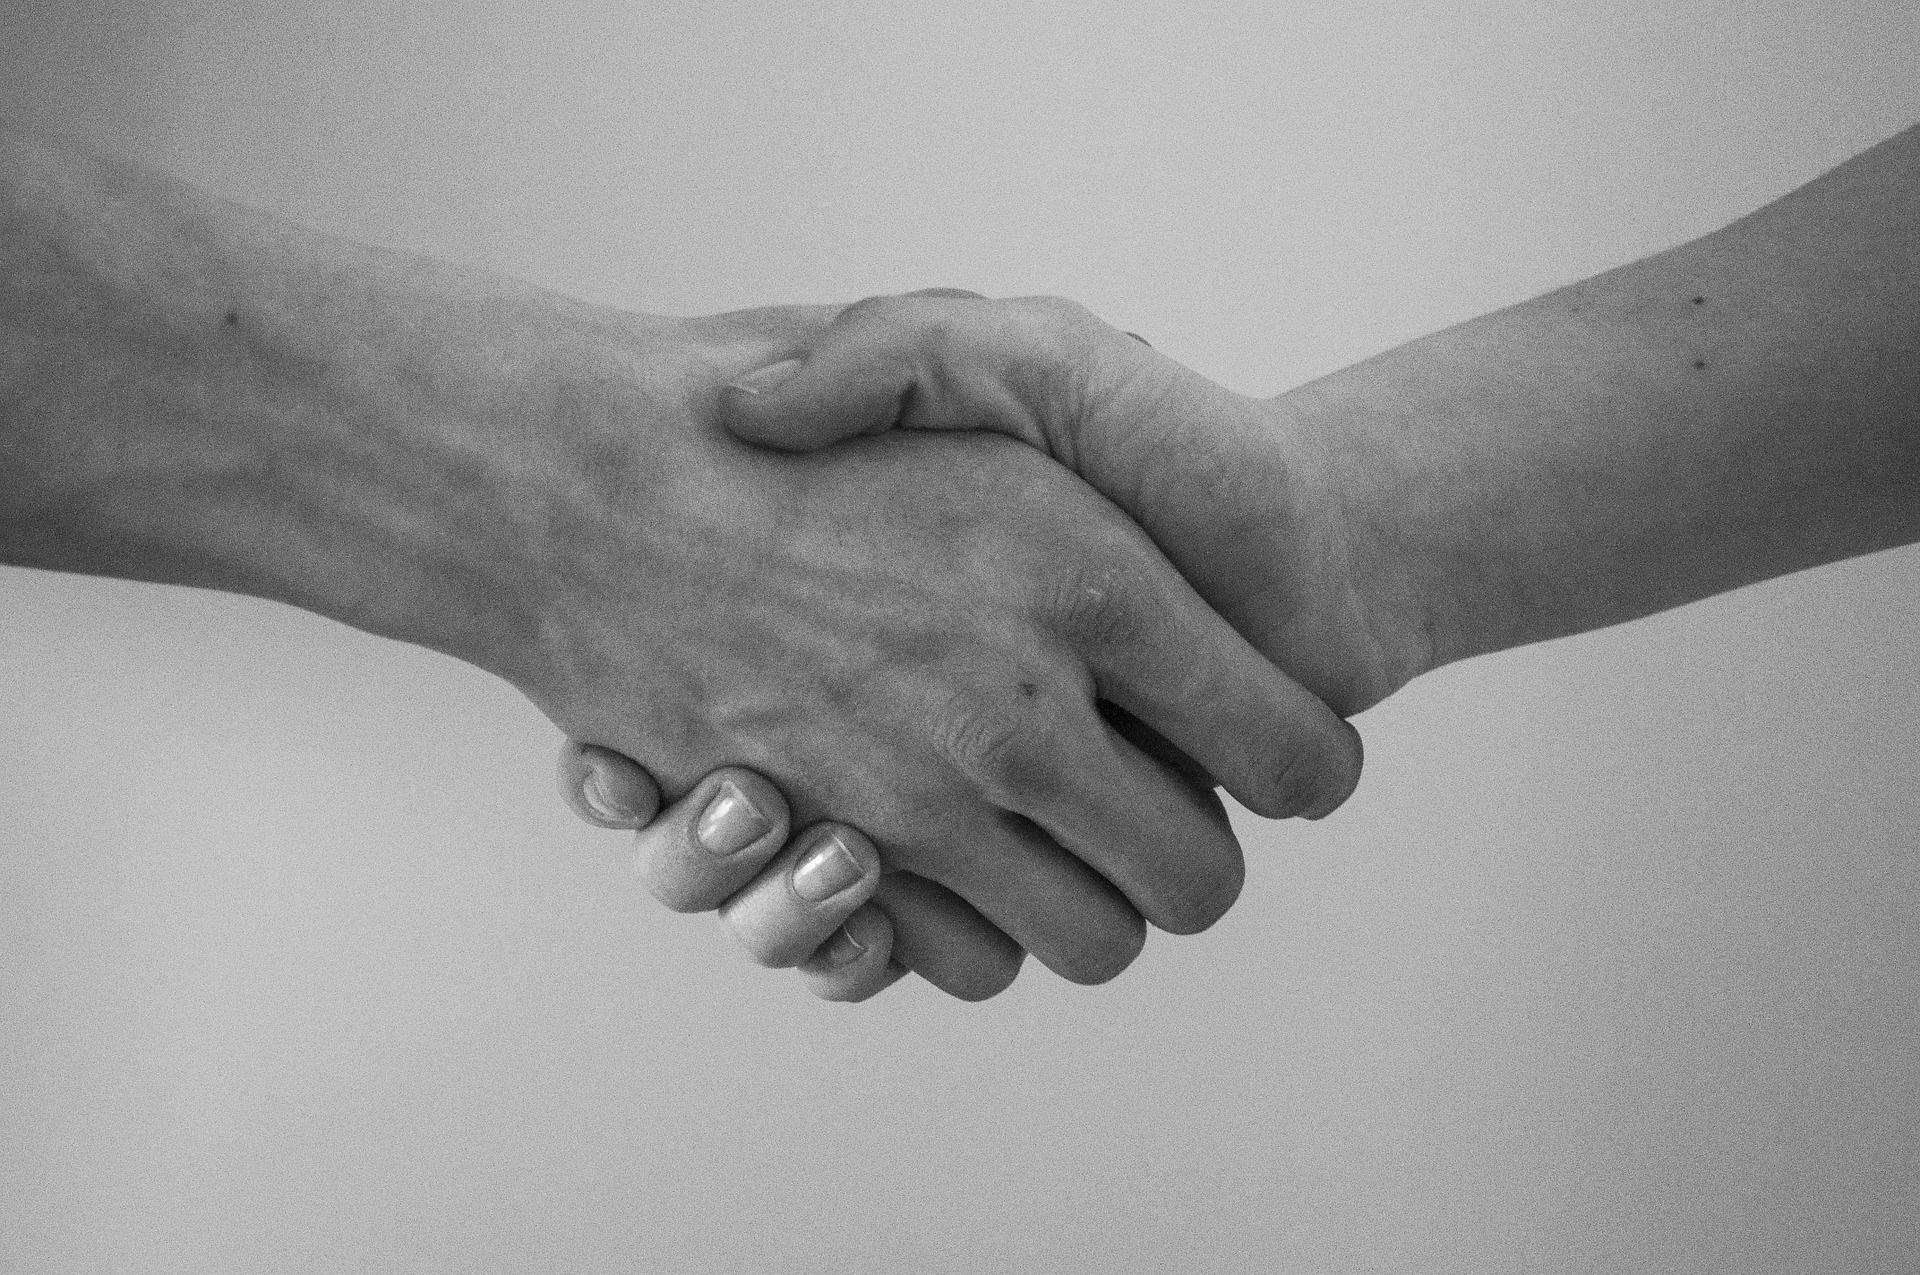 Vztah architekta a jeho klienta by měl být partnerský. Vybírejte takového, komu můžete důvěřovat, dejte na svůj instinkt.